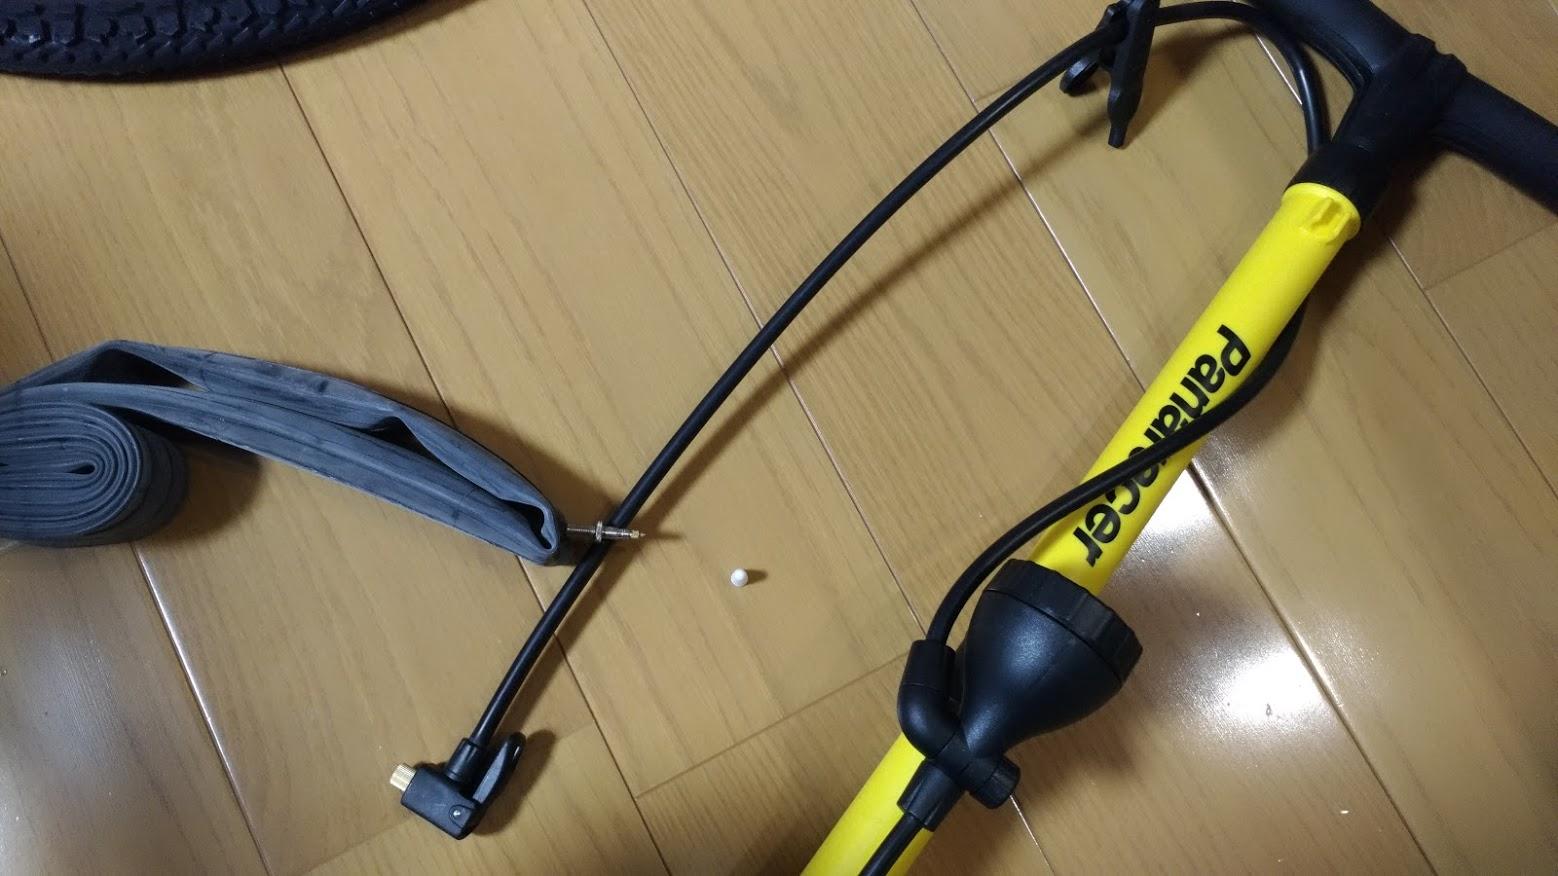 ブリヂストン hydee2 子供電動自転車 パンク タイヤ交換 -4-